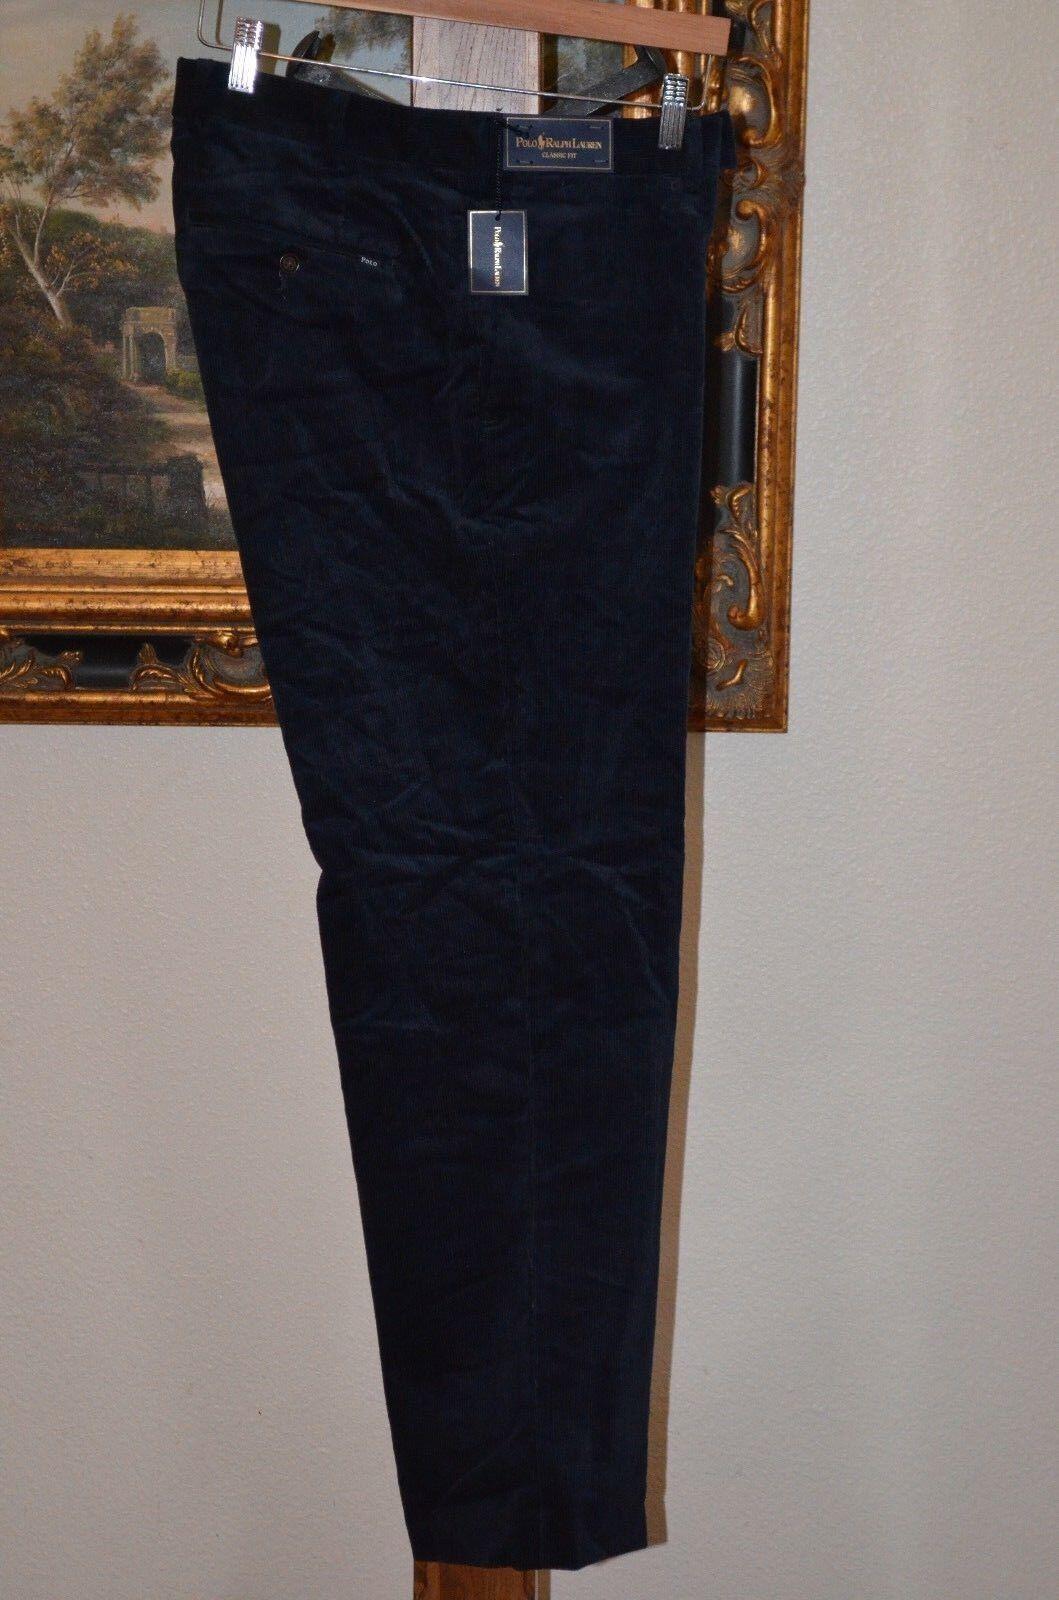 POLO RALPH LAUREN 35 X 30 DARK blueE MEN'S CORDUROY CLASSIC FIT PANTS MSRP